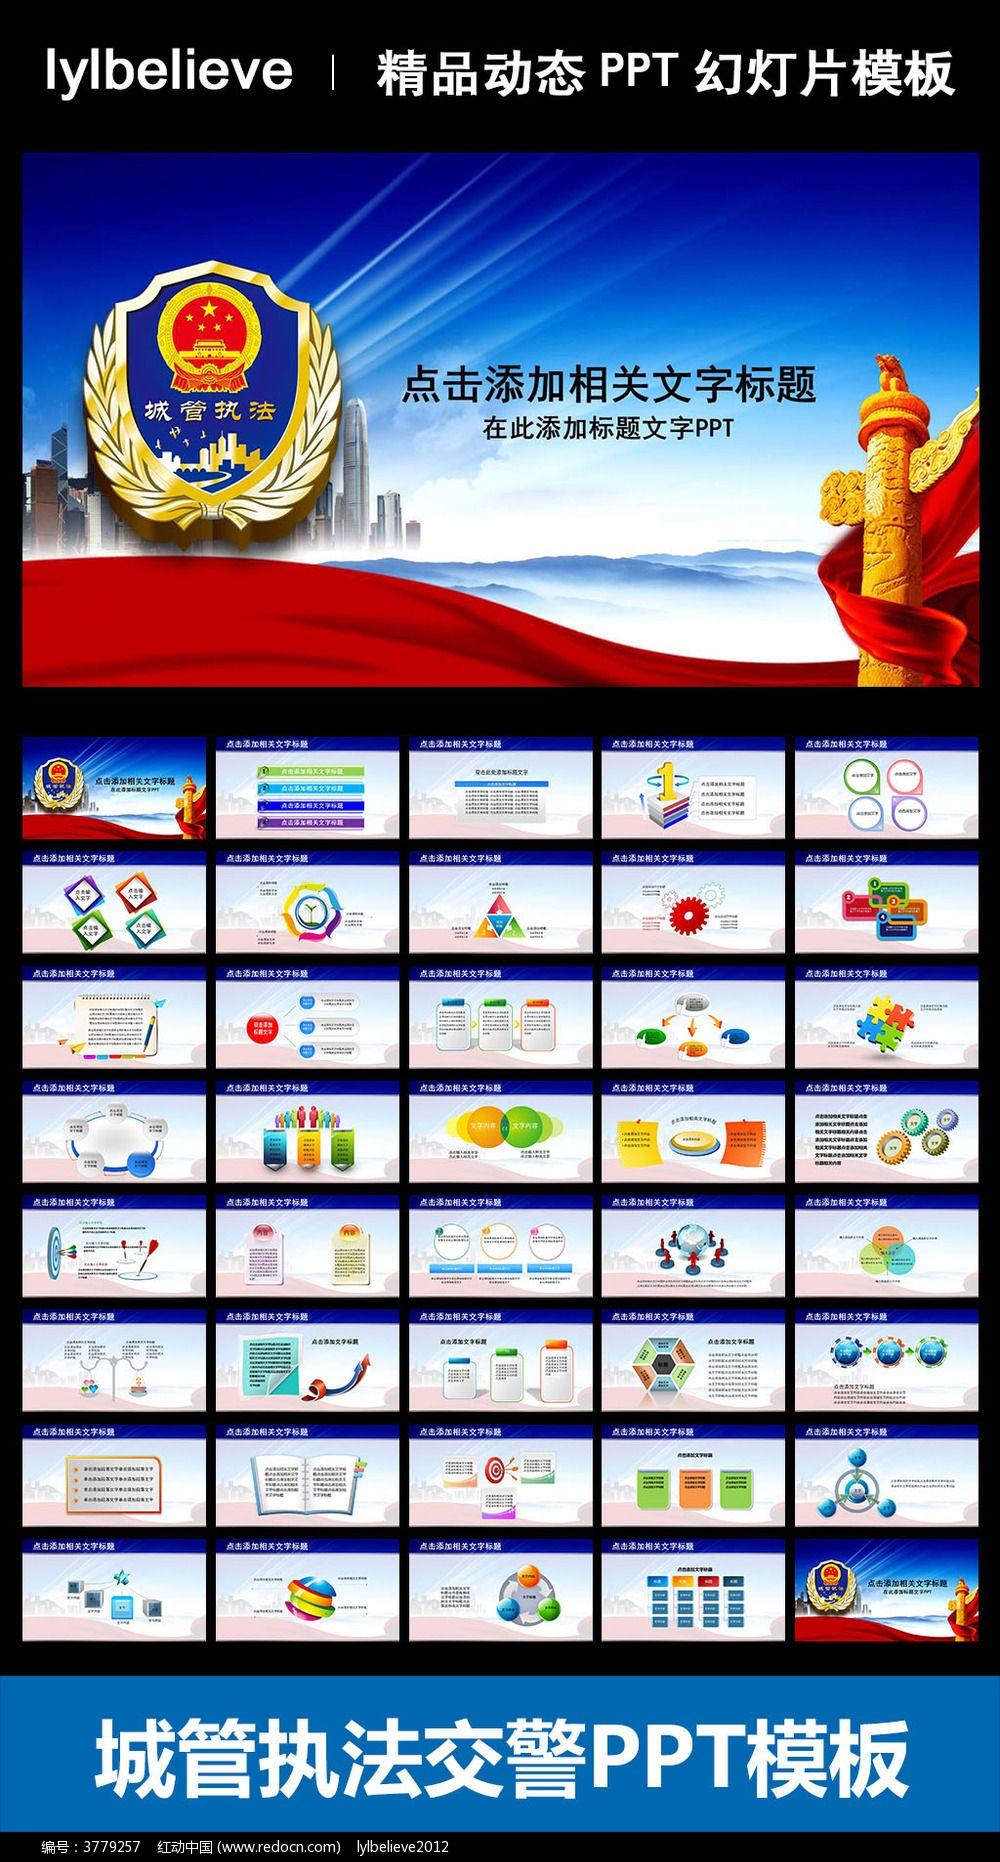 城管 行政 执法 汇报 图片下载PPT模板 工作 会议 报告 座谈 交流 研讨